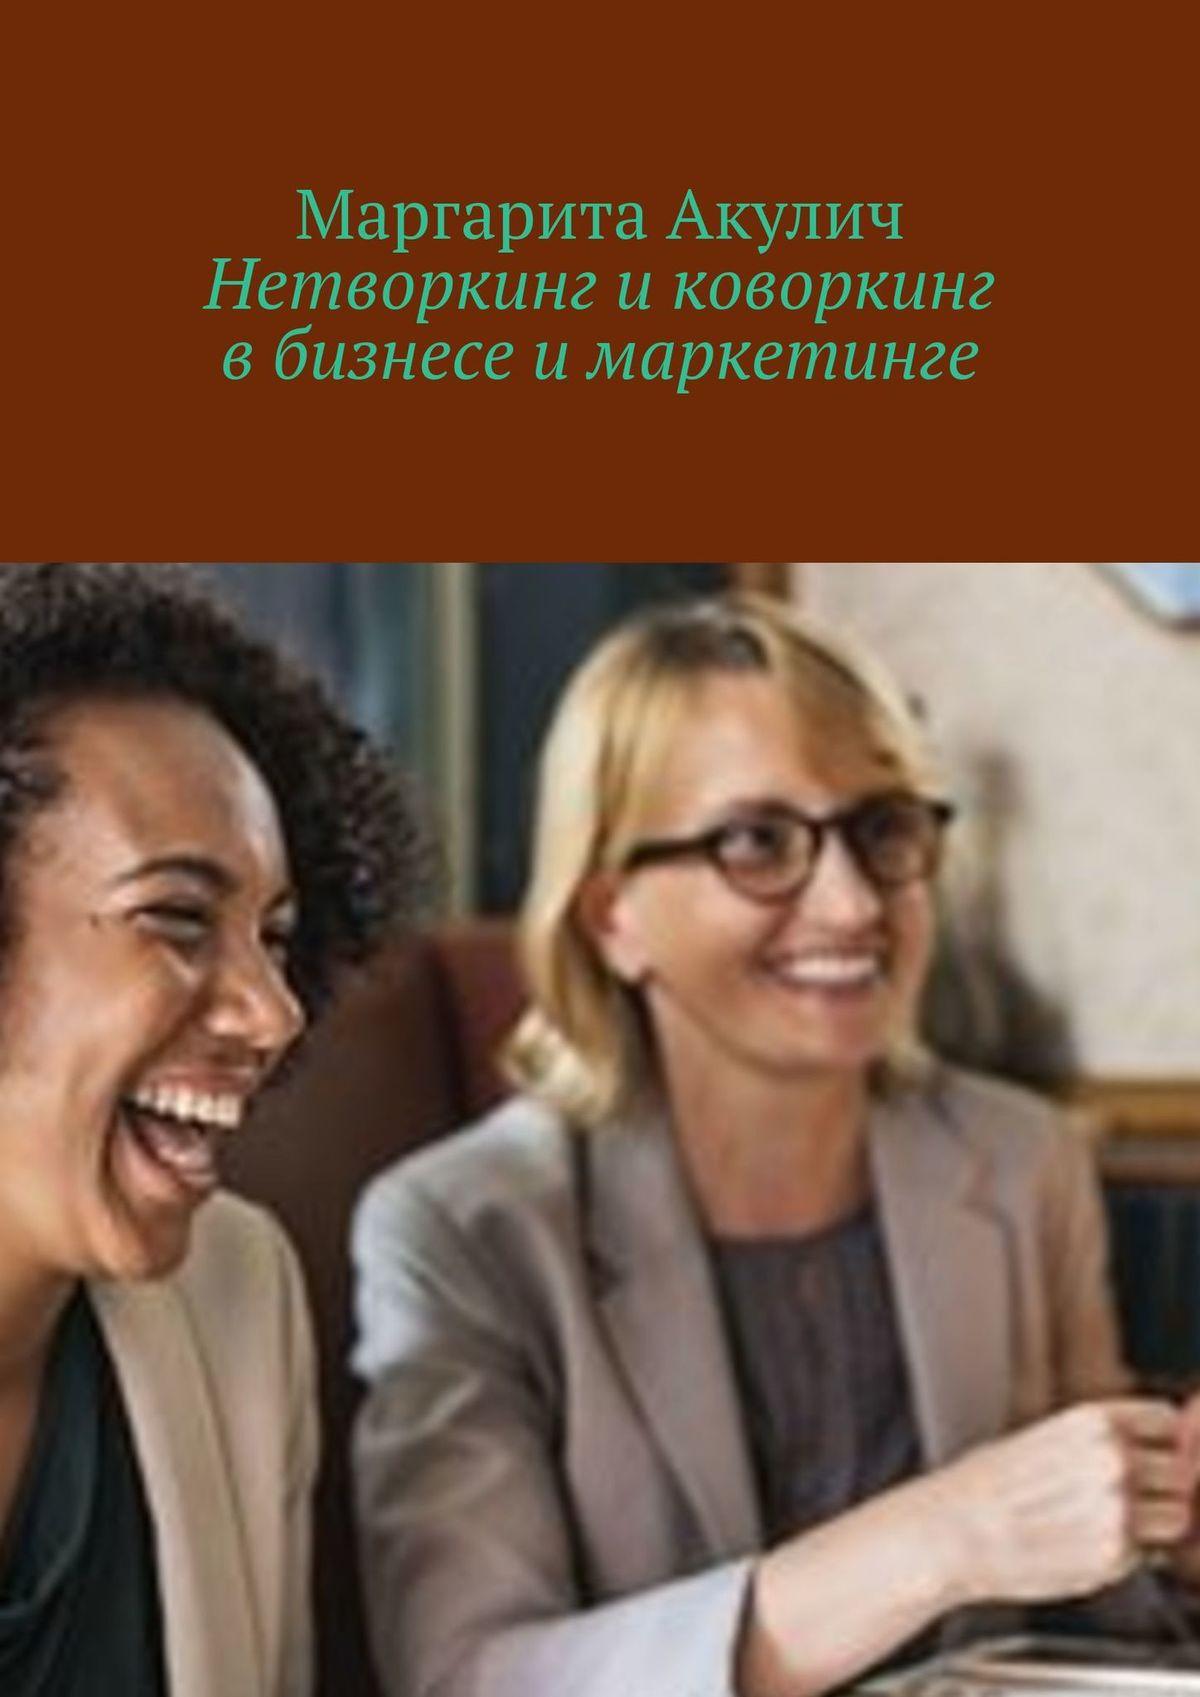 Маргарита Акулич Нетворкинг иковоркинг вбизнесе имаркетинге